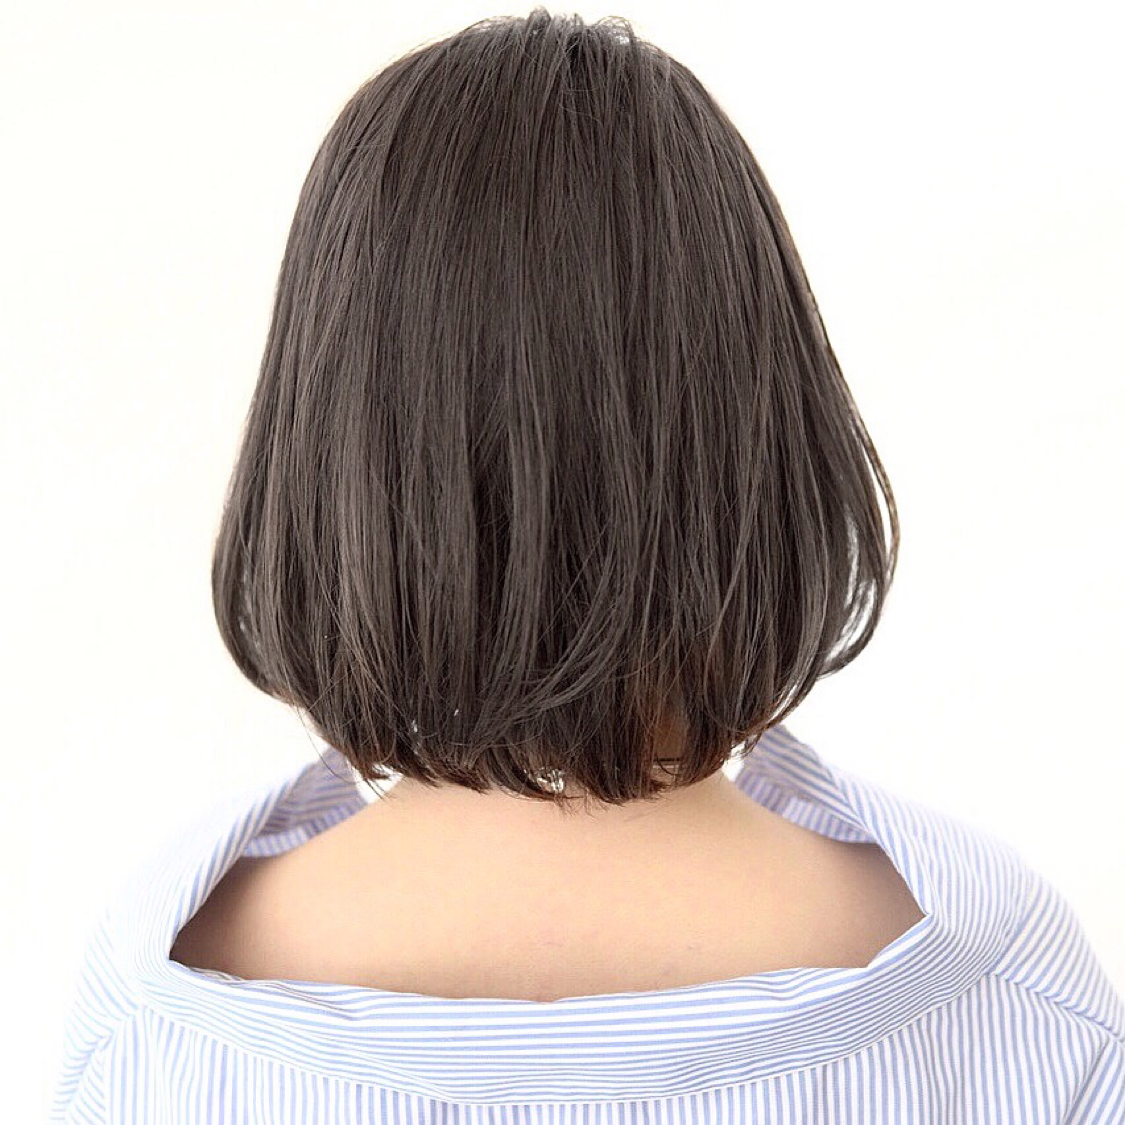 ほんのりレイヤーを入れたグレージュボブ。 ワンカールで柔らかく動きます。 . . #前髪 #グレージュ #透明感 #アッシュ #ナチュラル #カジュアル #ストリート #ガーリー #キュート #オフィス #丸顔 #シースルーバング #カラー上手い #ゼロアルカリストレート #髪質改善 #ストレートパーマ #アッシュ  #アディクシーカラー  #イルミナカラー  #ショート  #ショートボブ  #ボブ